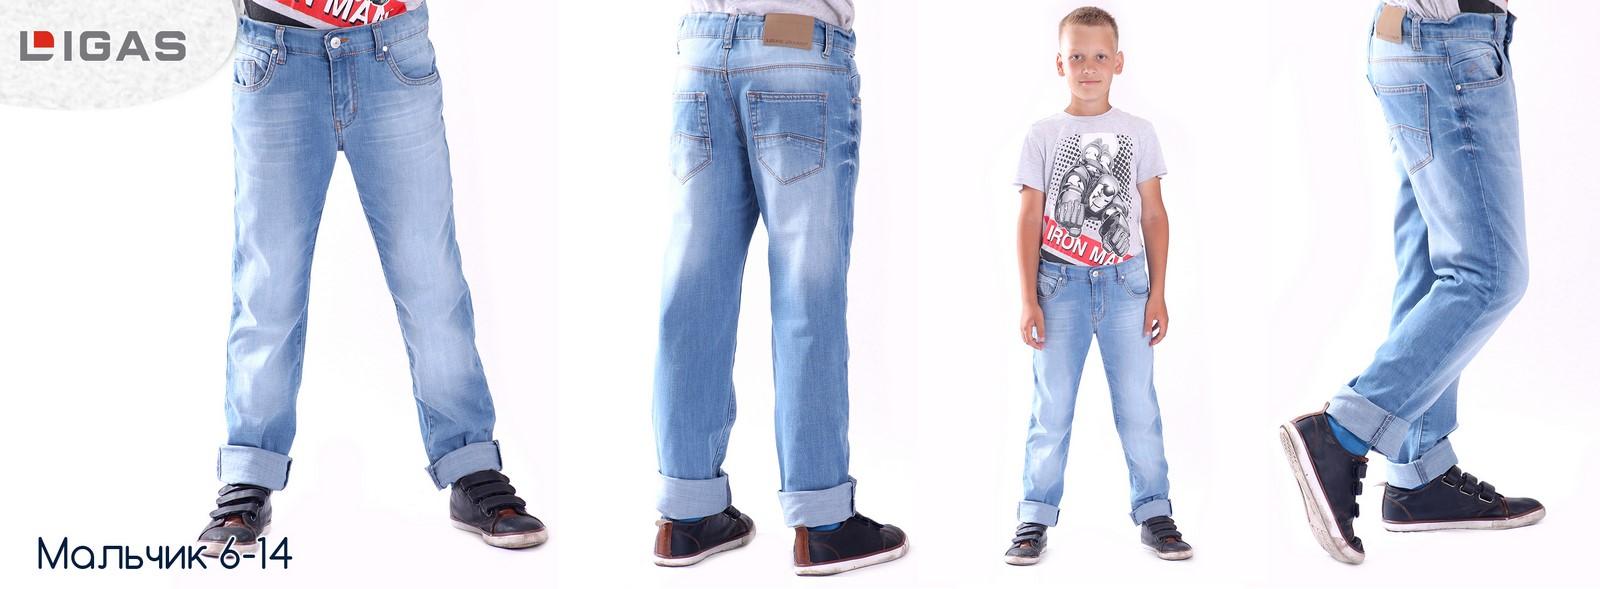 Джинсы для мальчиков подростков 6-14 лет